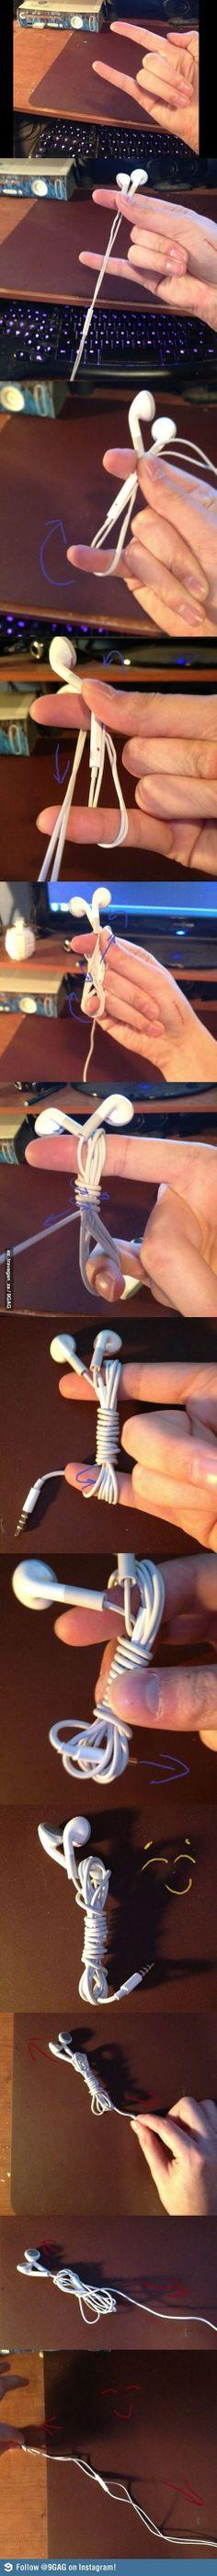 How to fold earphones